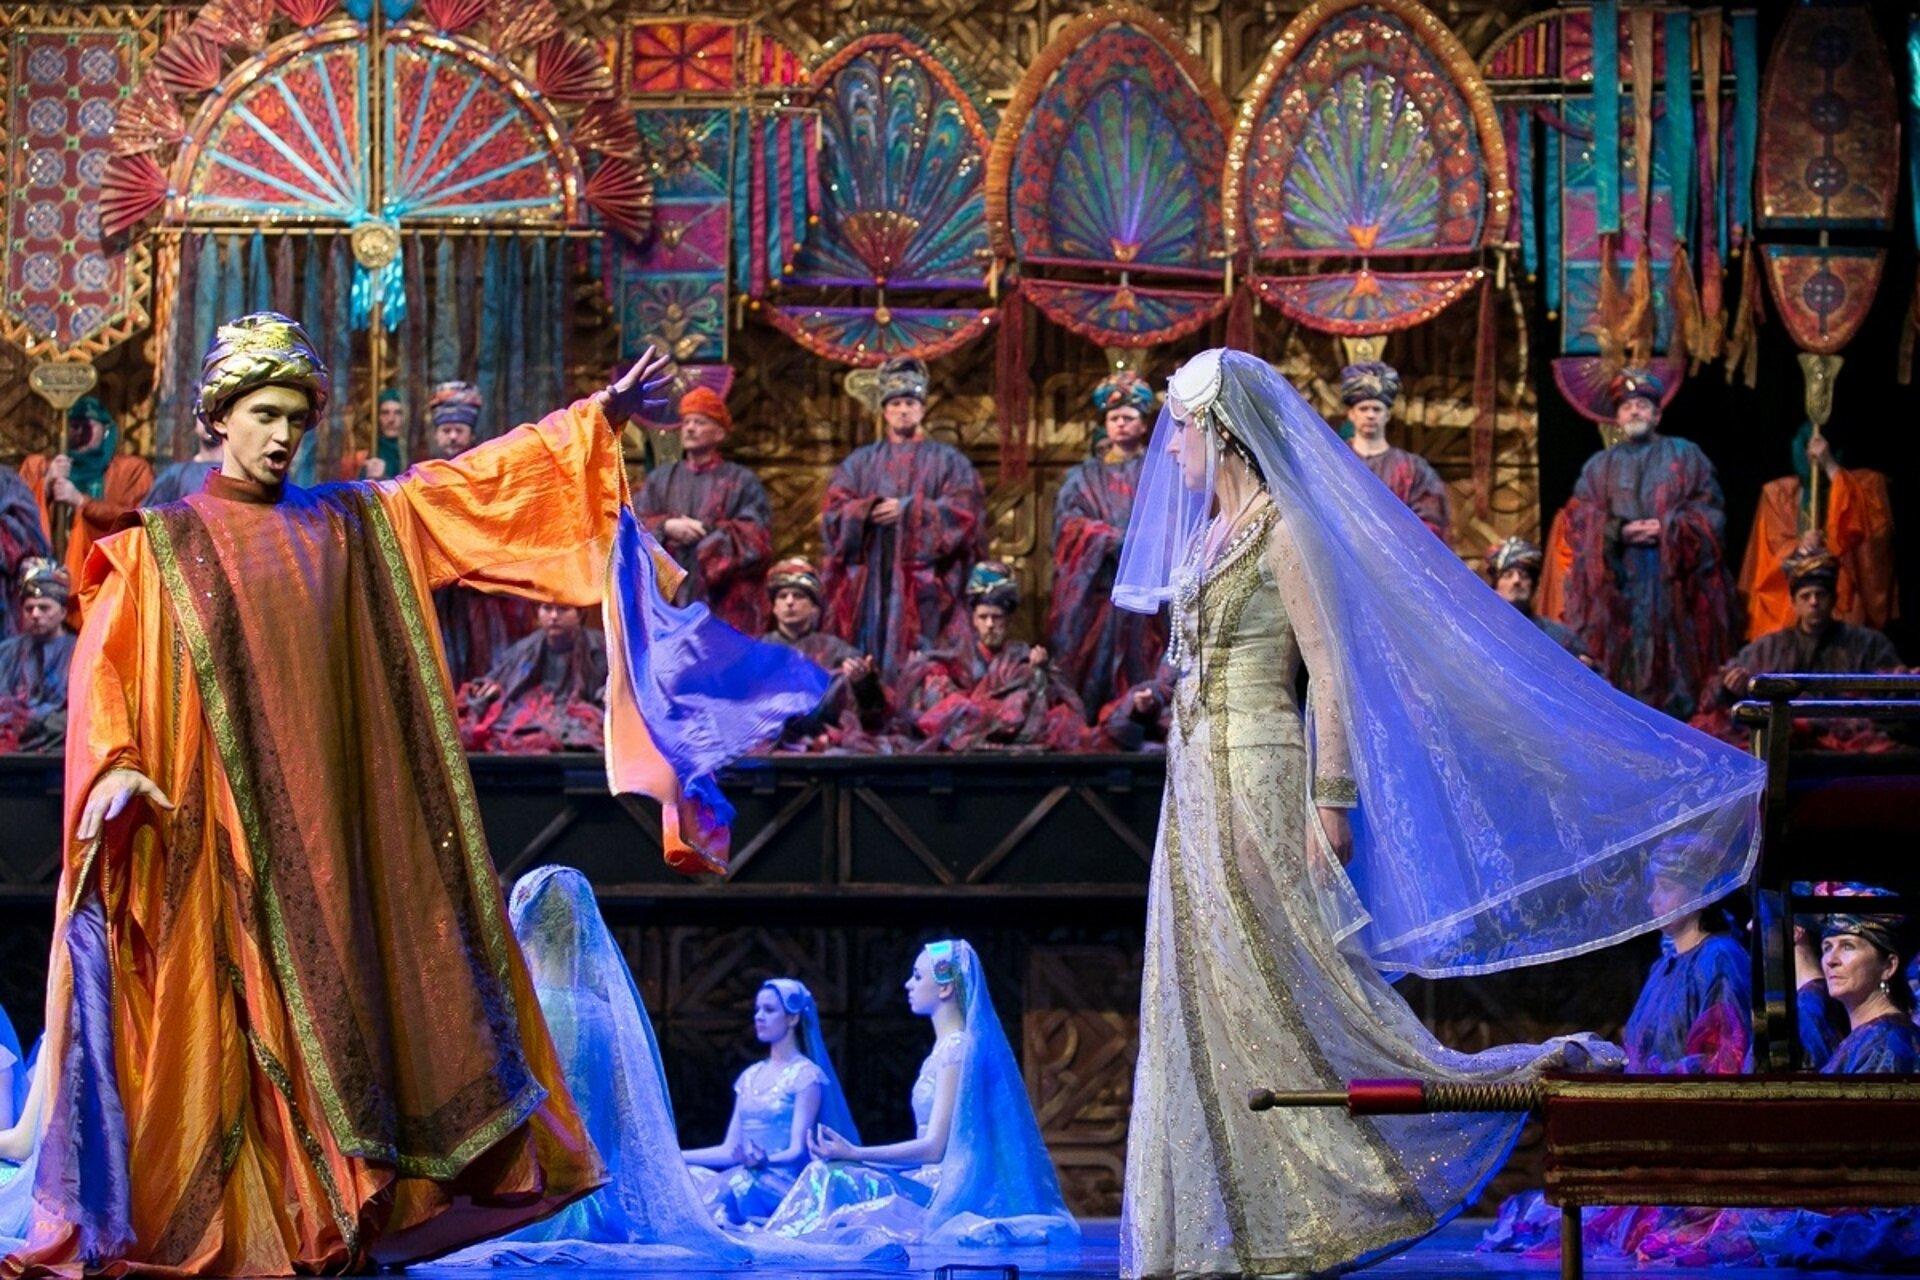 """Ilustracja przedstawia scenę zopery Georgesa Bizeta """"Poławiacze pereł"""". Akcja opery rozgrywa się na wyspie Cejlon. Na scenie widzimy kobietę wdługiej sukni oraz welonie. Na wprost niej znajduje się mężczyzna wpomarańczowej długiej sukni oraz turbanie na głowie. Dookoła sceny znajdują się inni aktorzy operowi."""